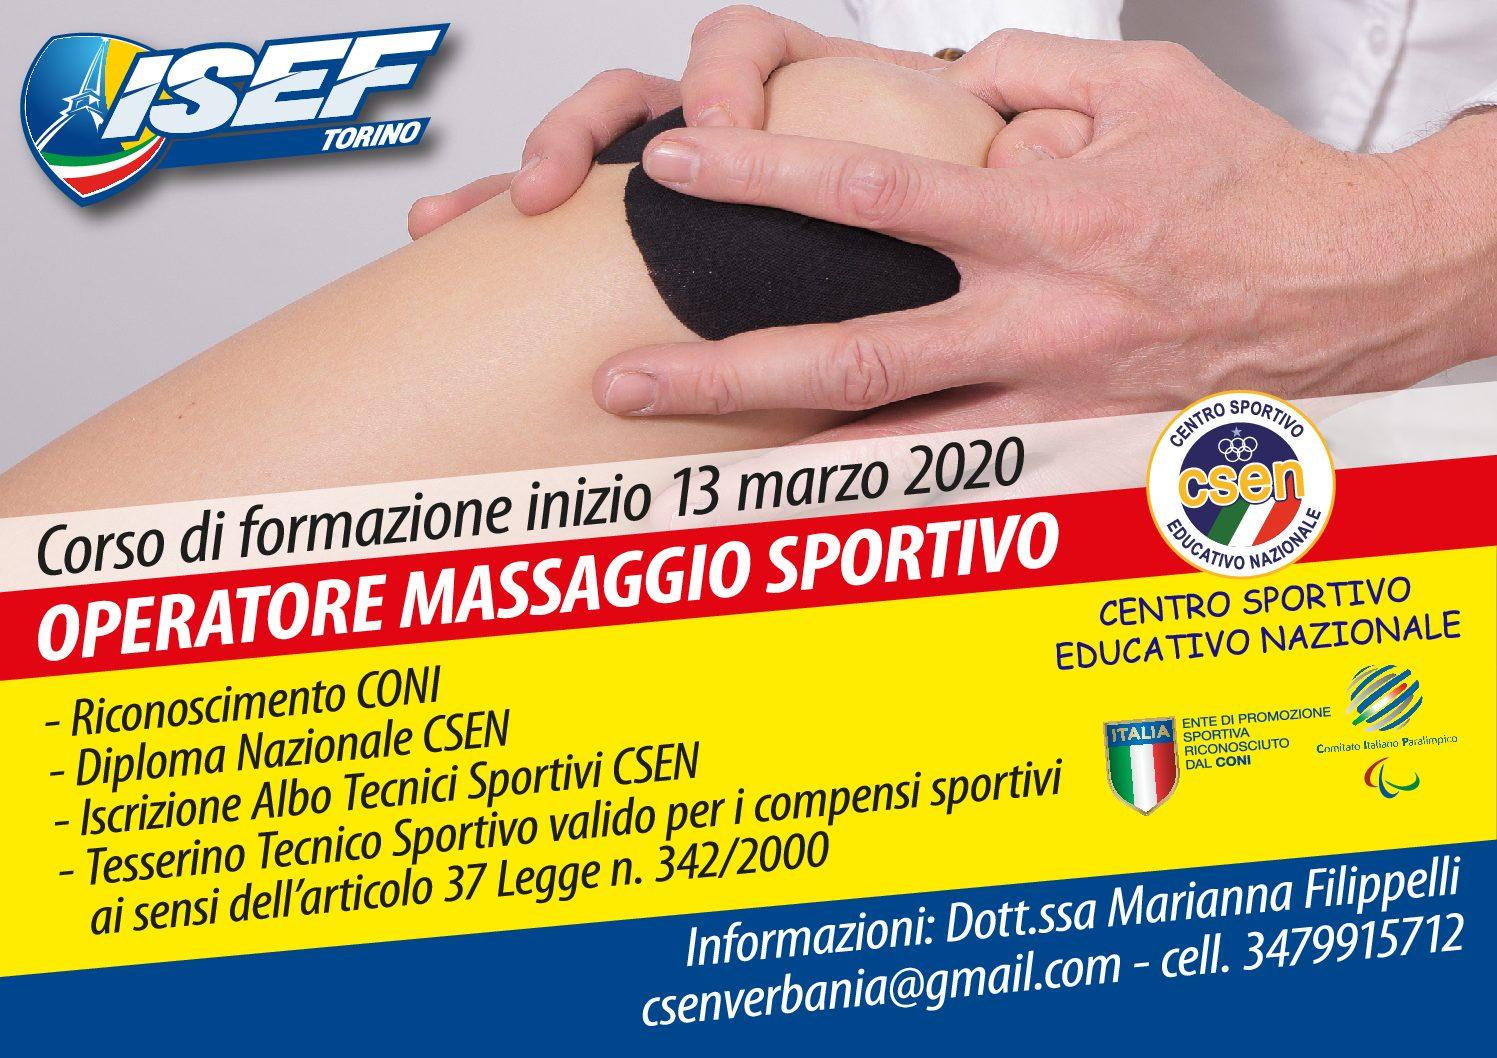 Corso Sportivo